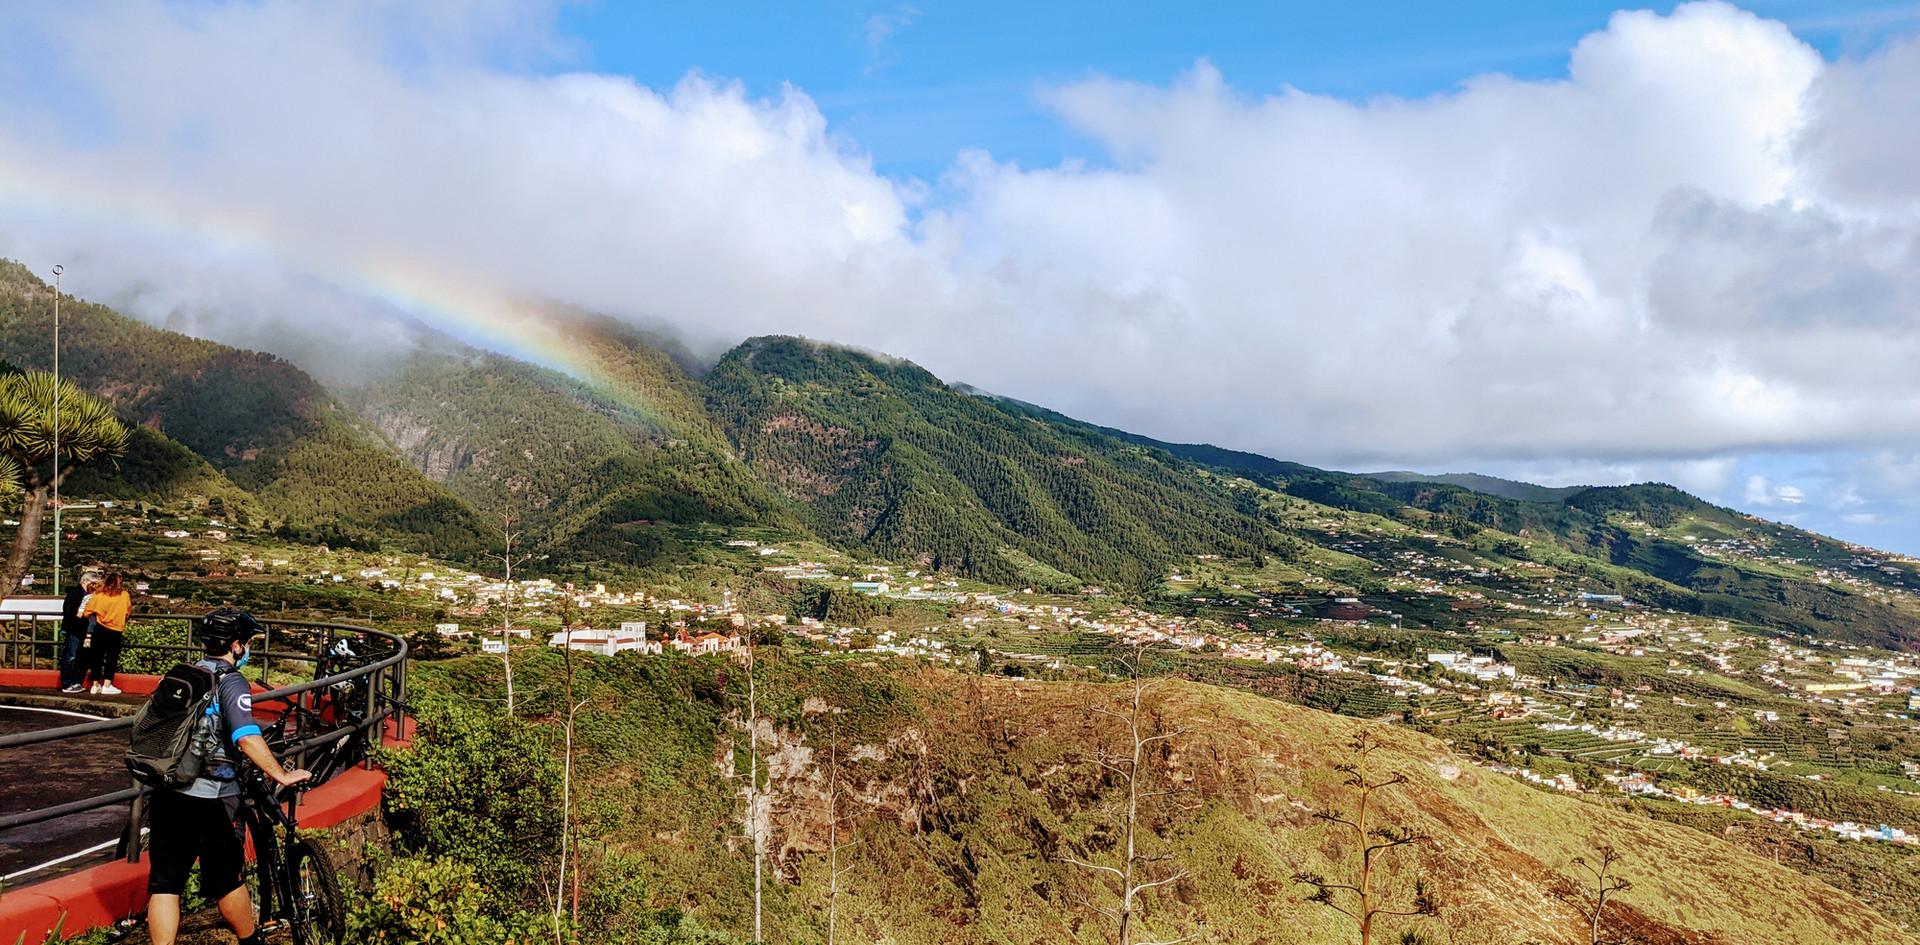 Ein Regenbogen zur Belohnung